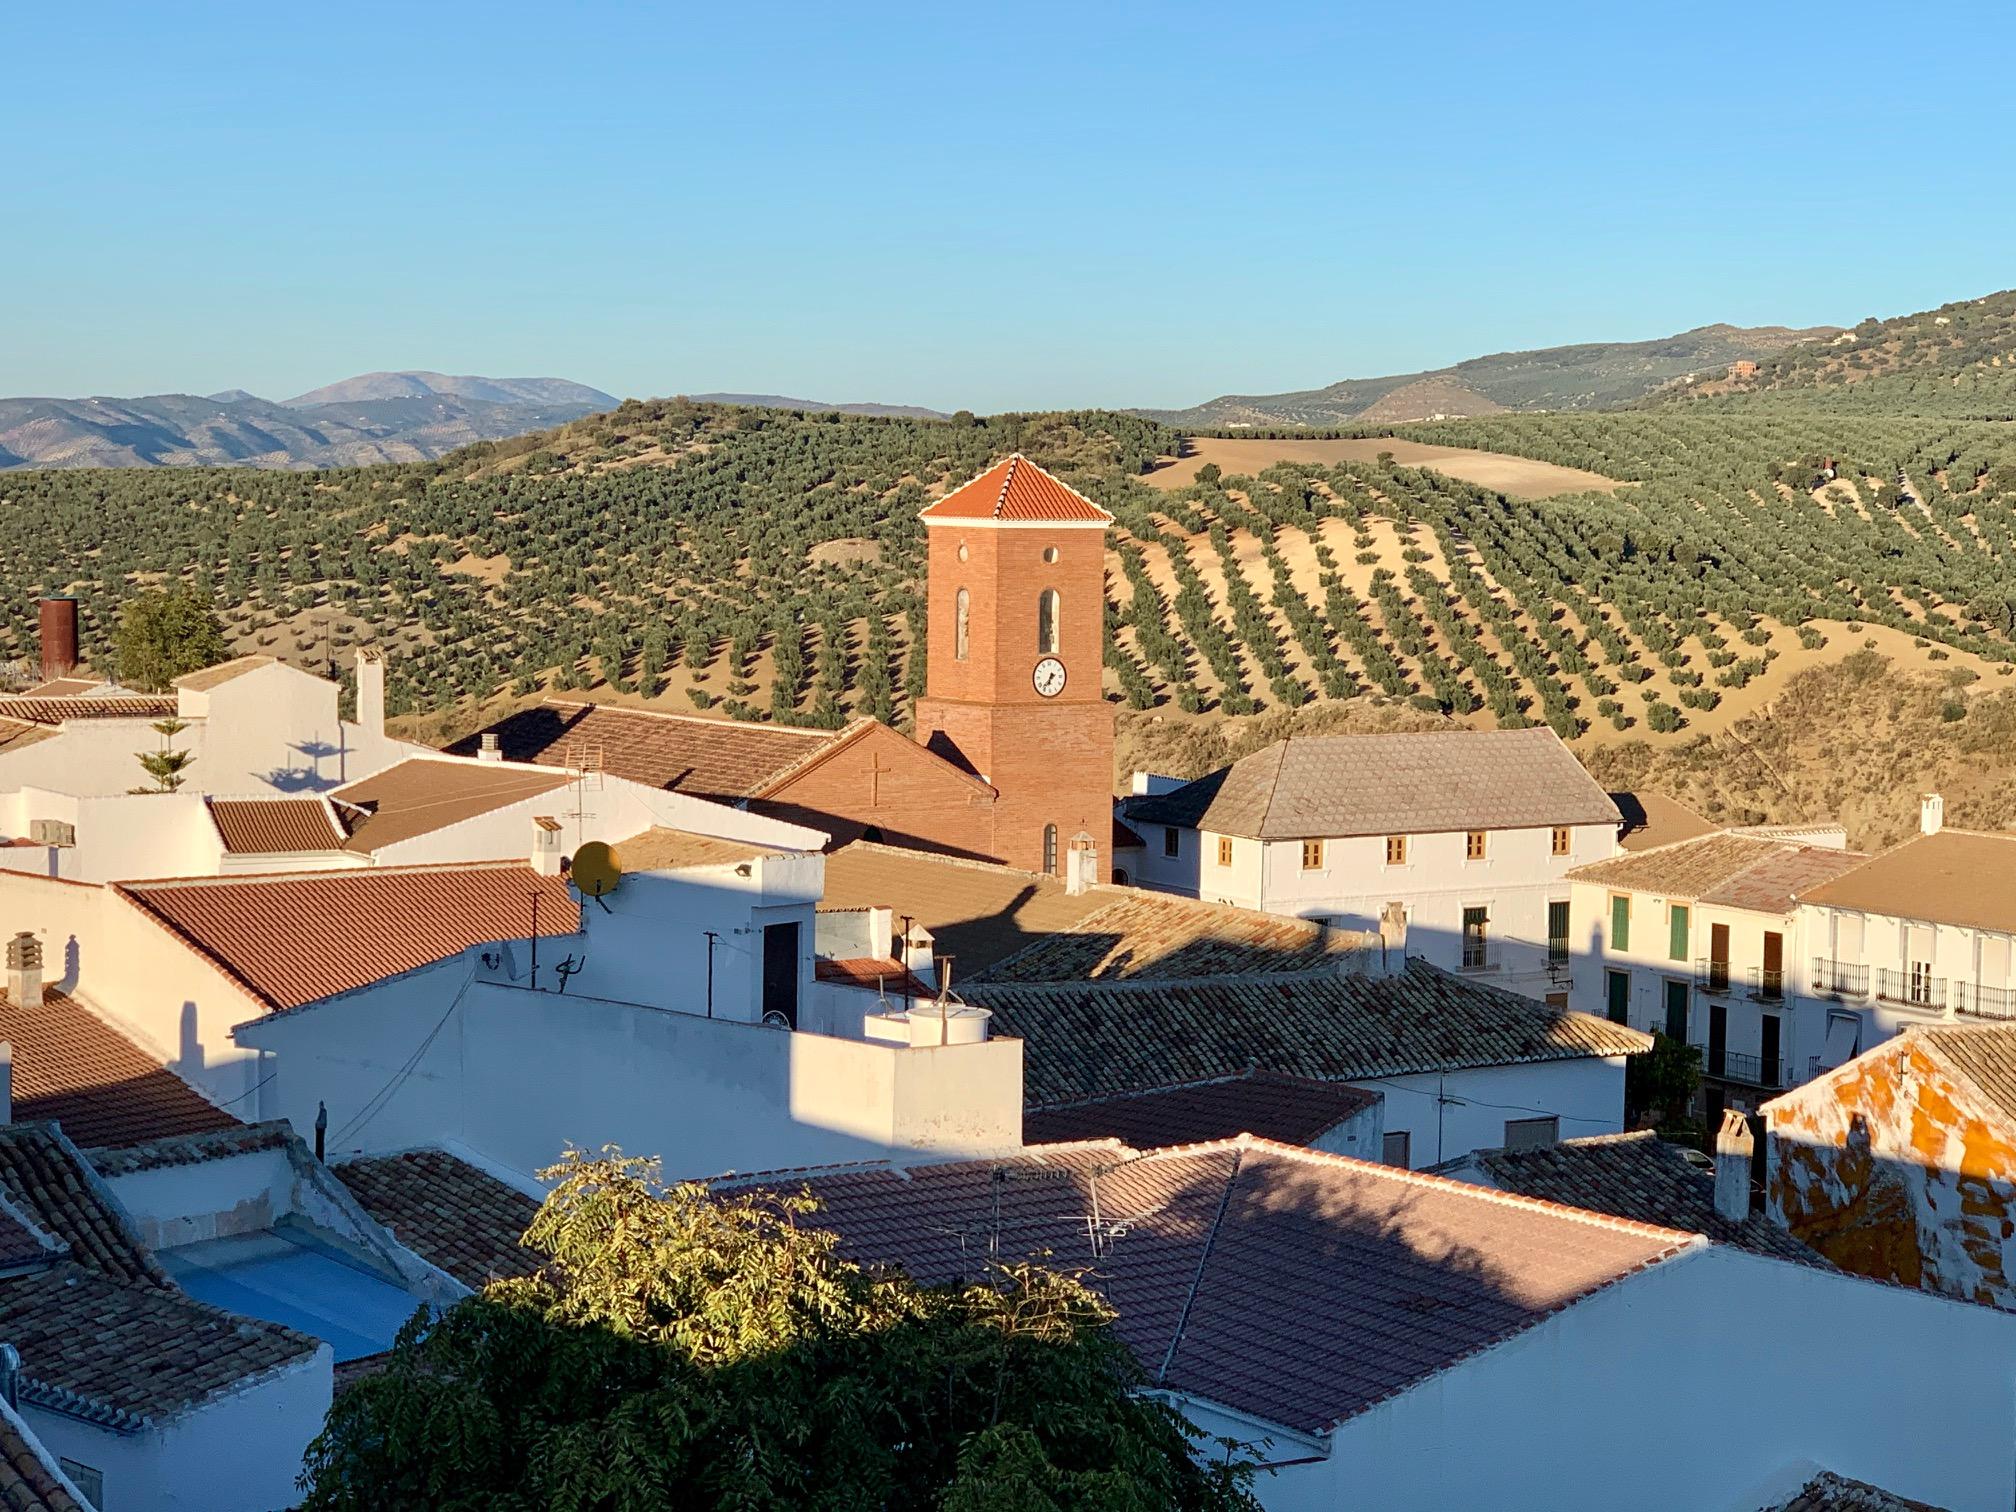 Piso Andalucía